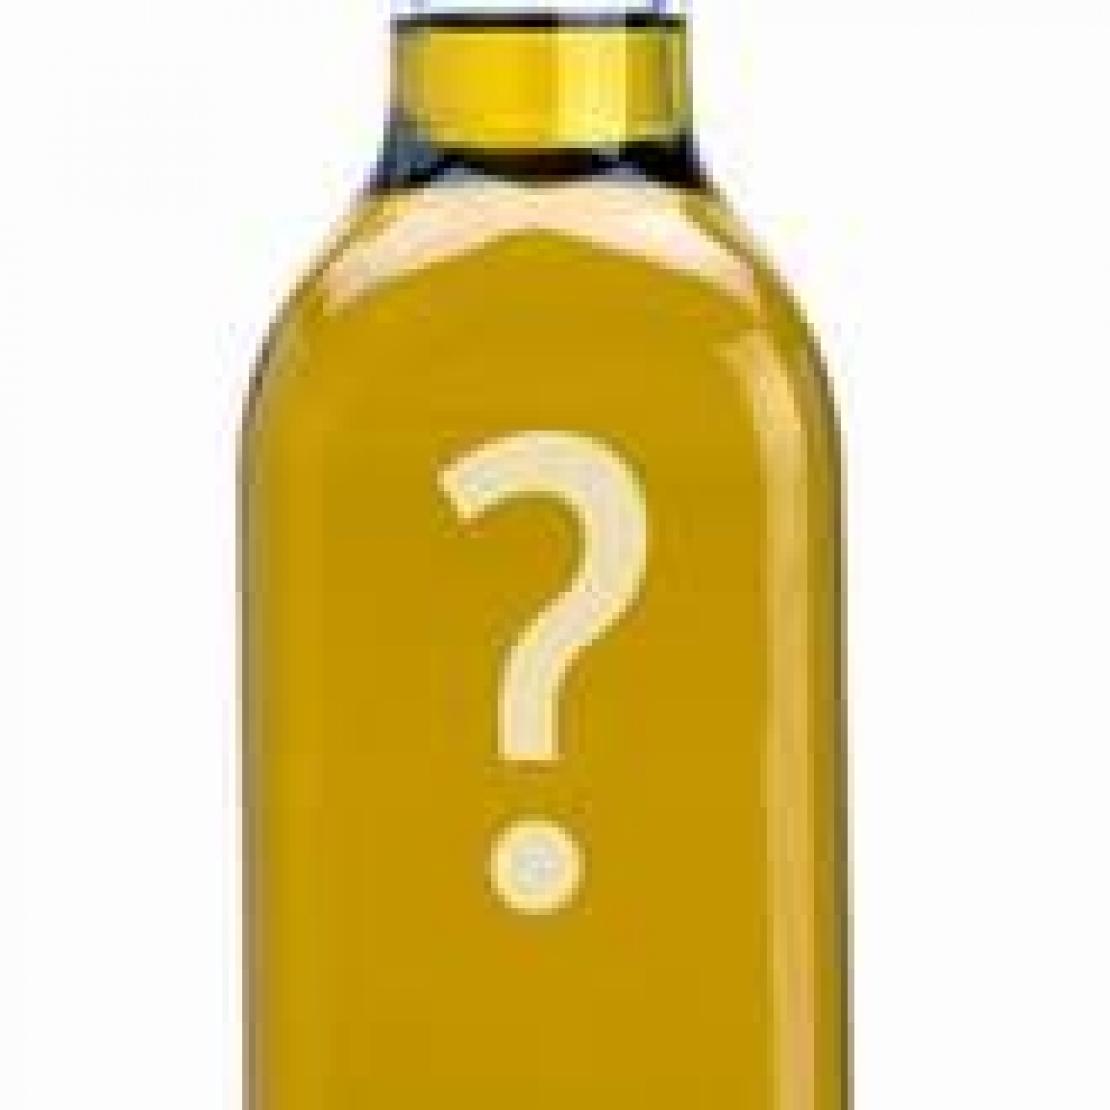 Panel test per l'olio d'oliva sotto attacco. Per salvarlo occorre farlo evolvere in un laboratorio sensoriale